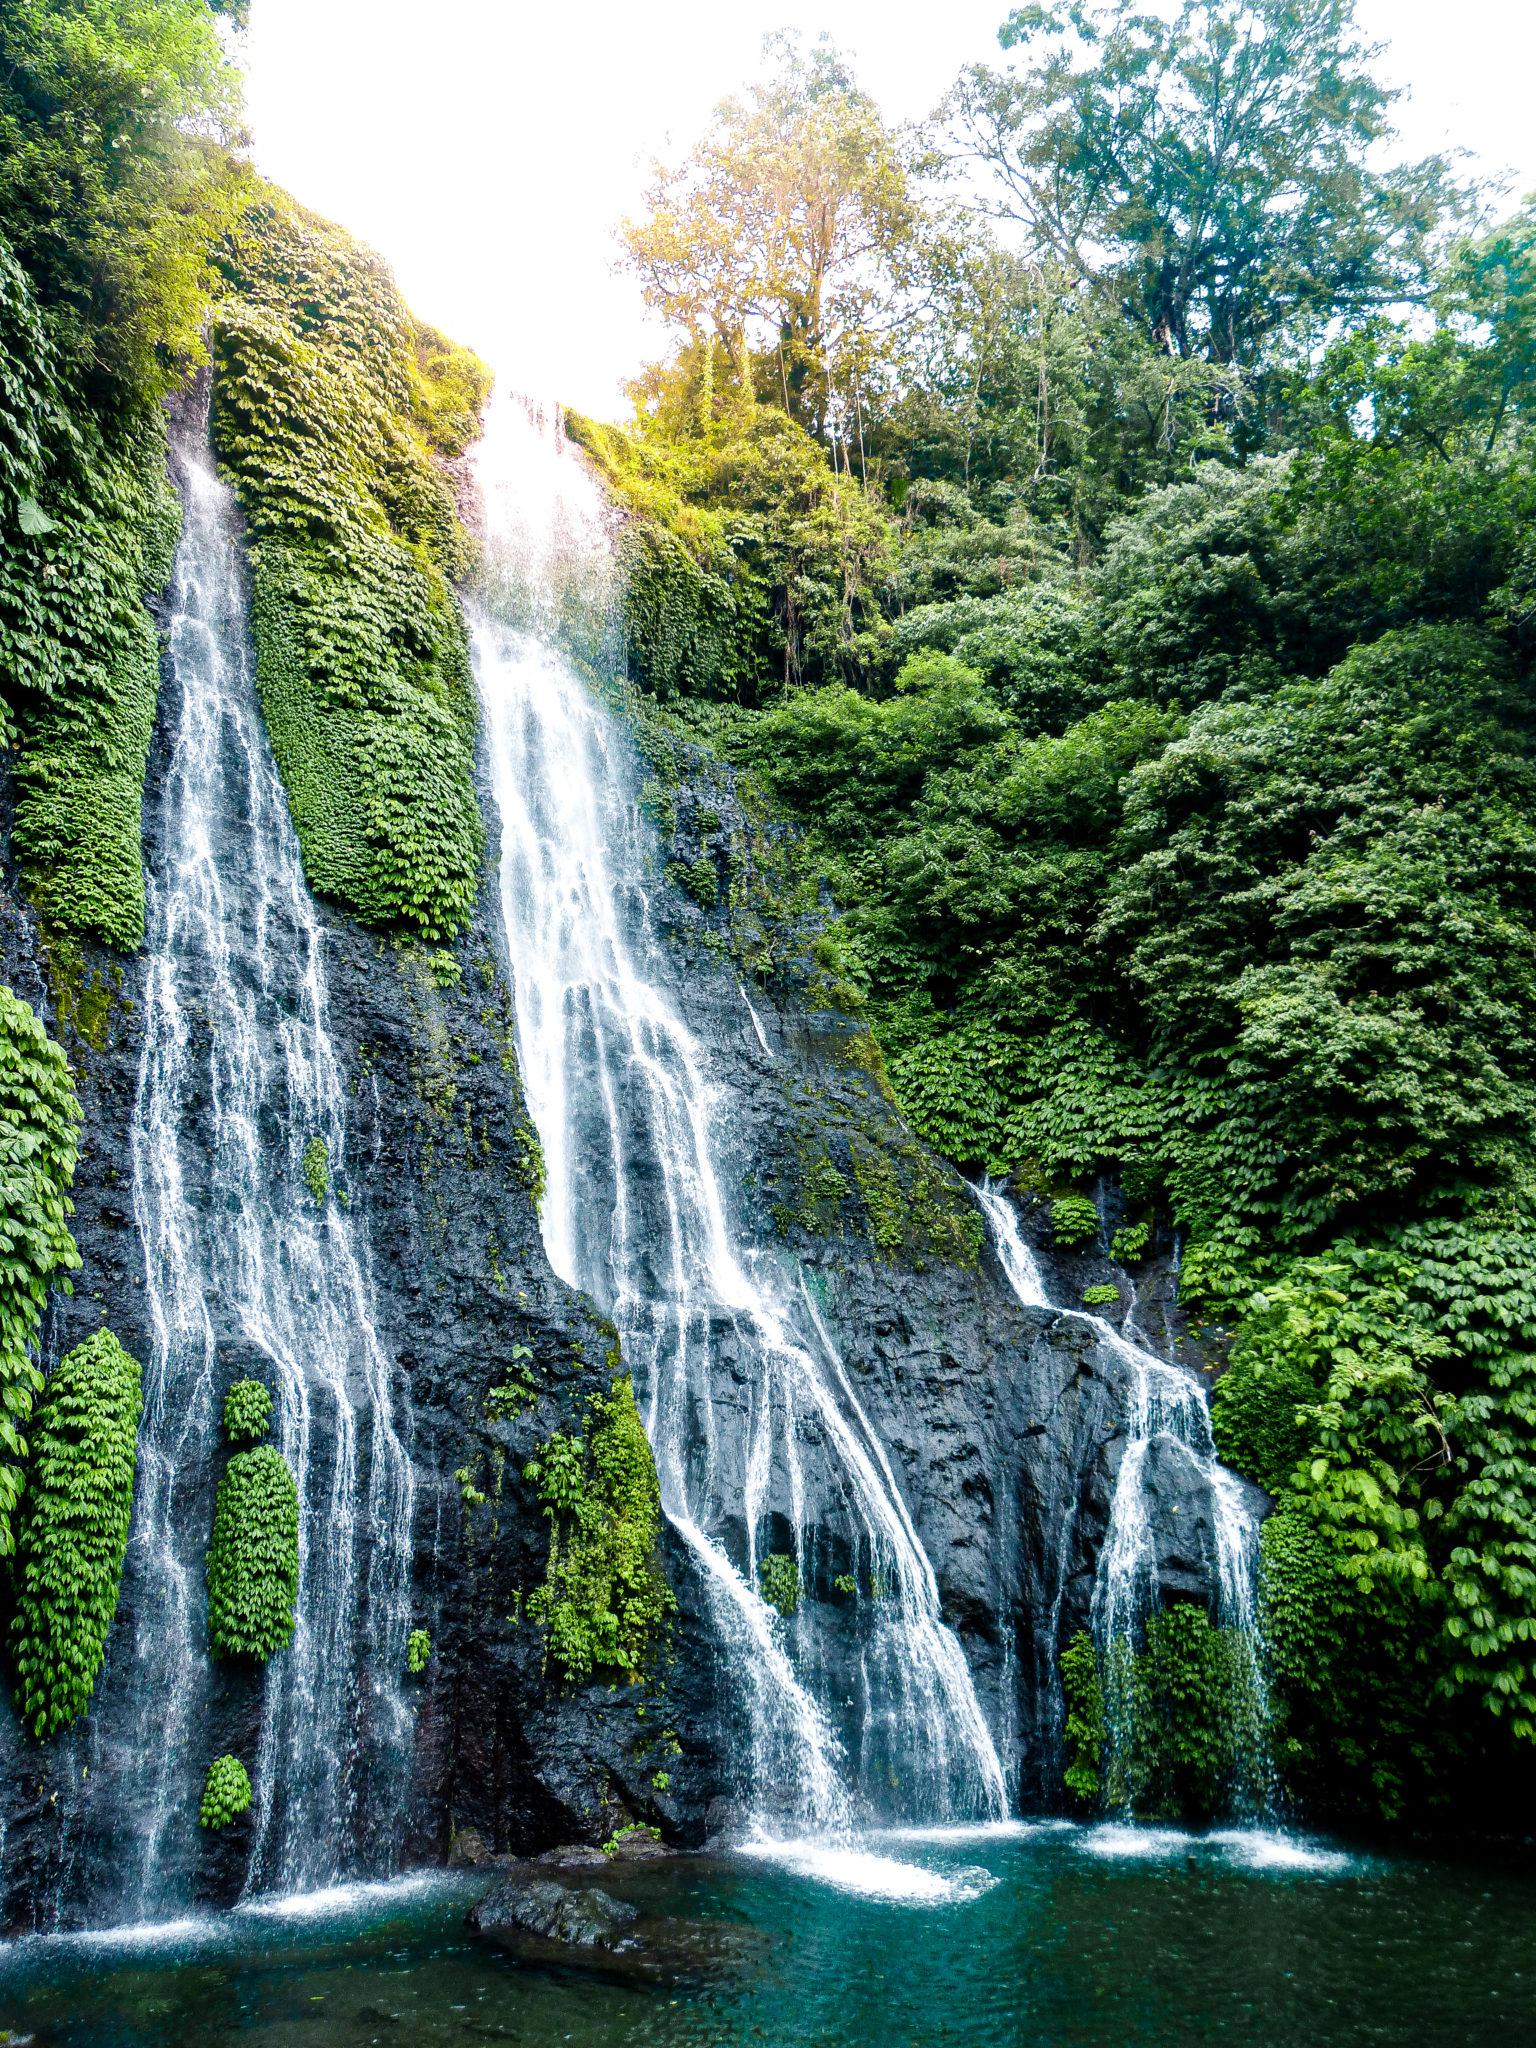 Bali travel route Banyumala twin falls, perfect waterfall